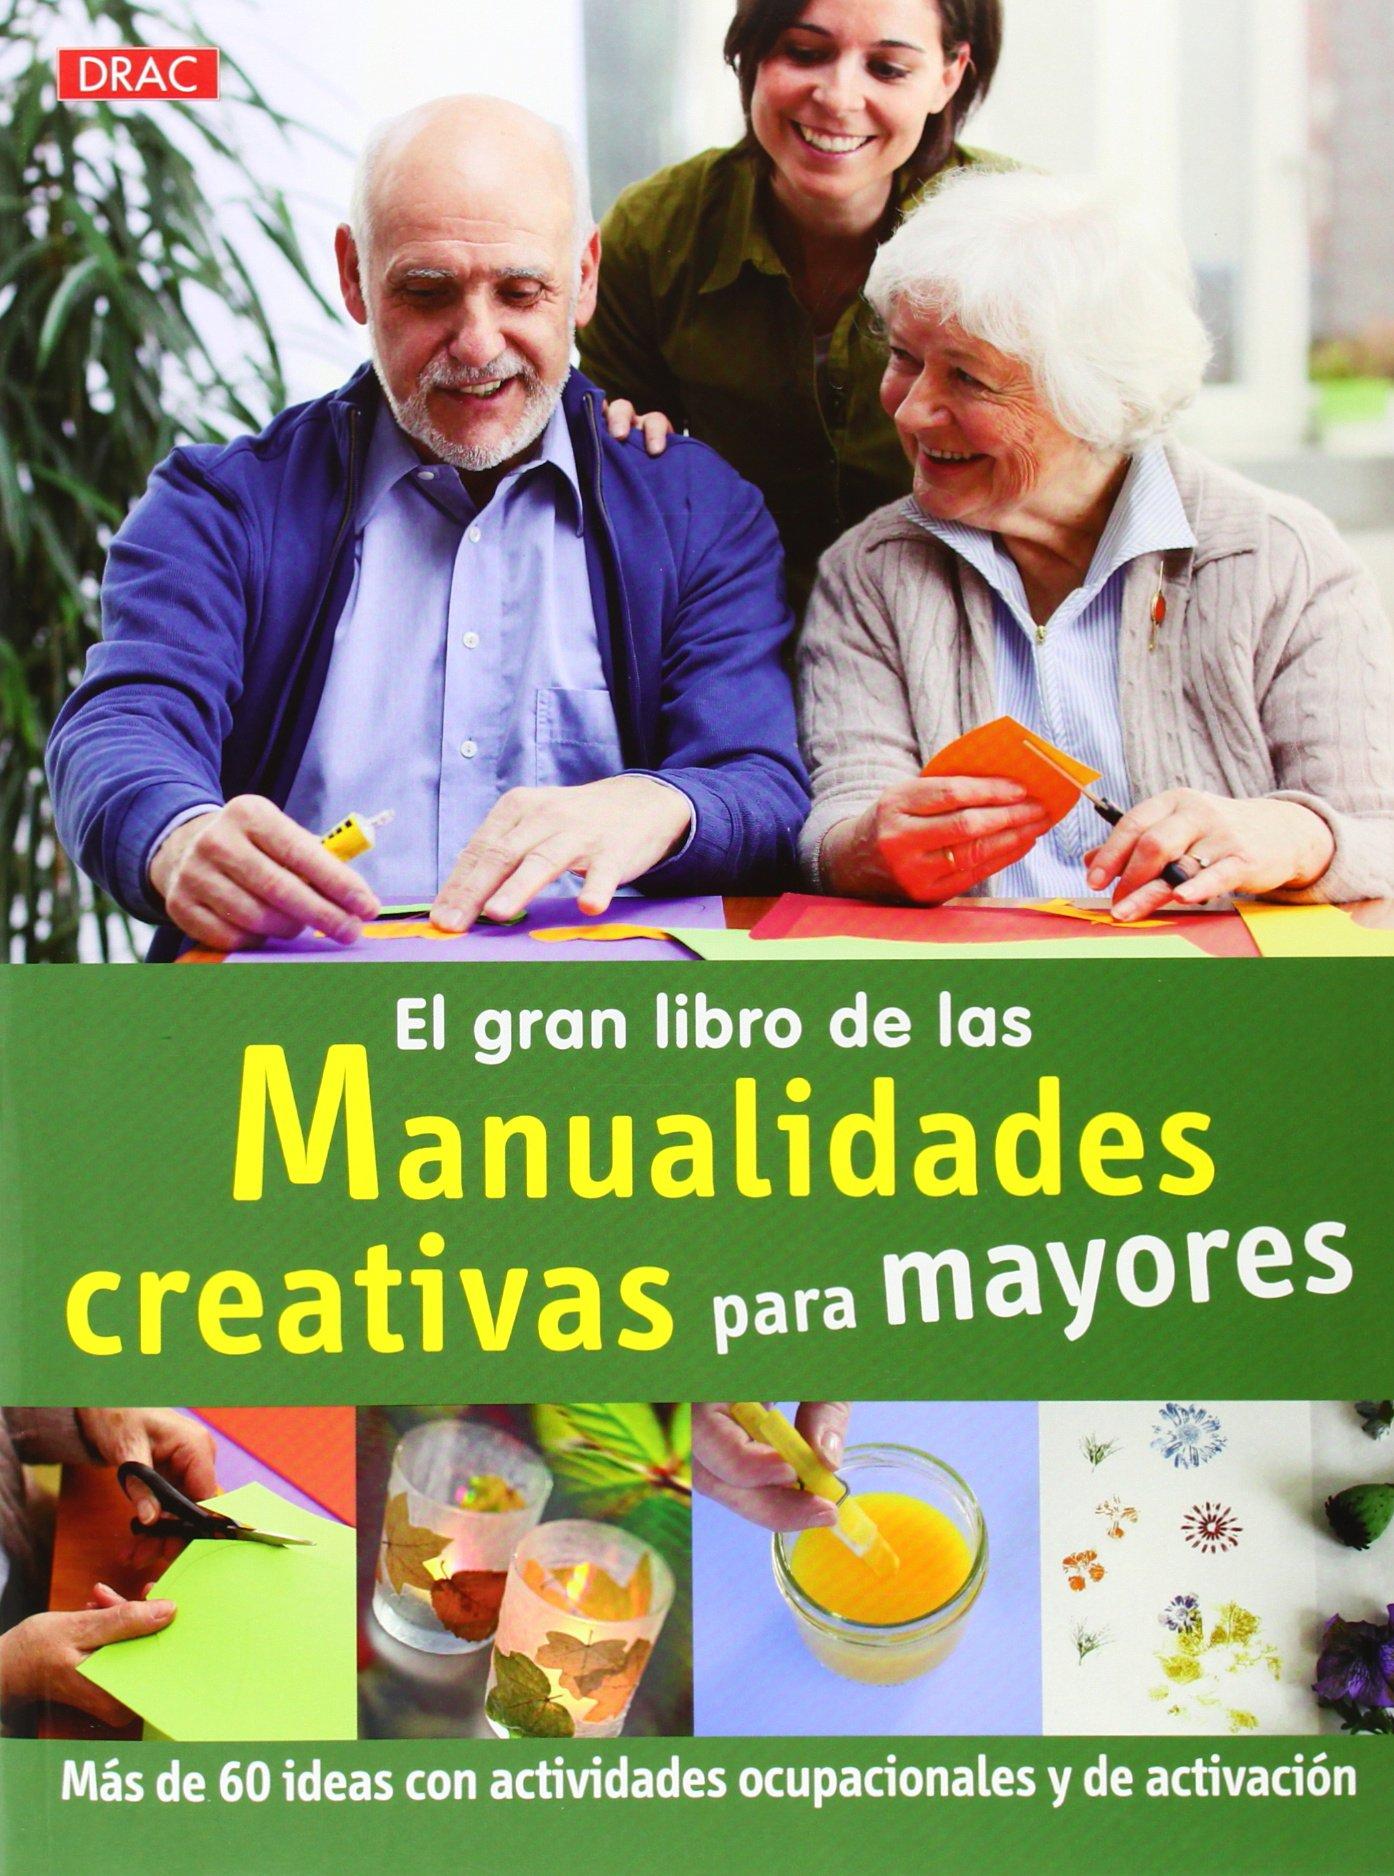 El gran libro de la manualidades creativas para mayores : más de 60 ideas con actividades ocupacionales y de activación (Spanish) Paperback – May 1, 2014